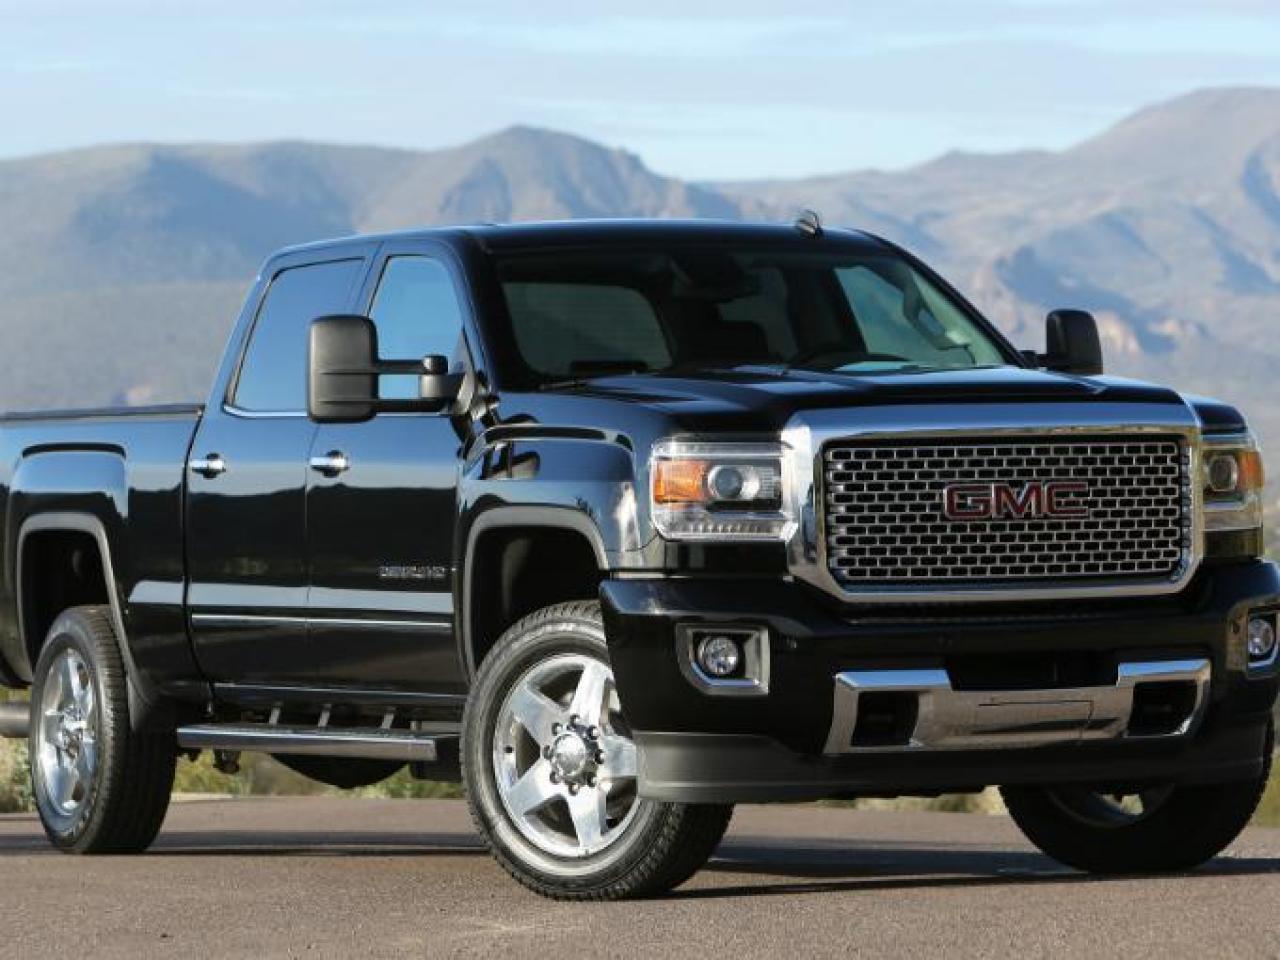 Gmc El Paso >> Las 10 camionetas más caras del mundo | Lifestyle de AméricaEconomía : Artes, Diseño, Estilo ...